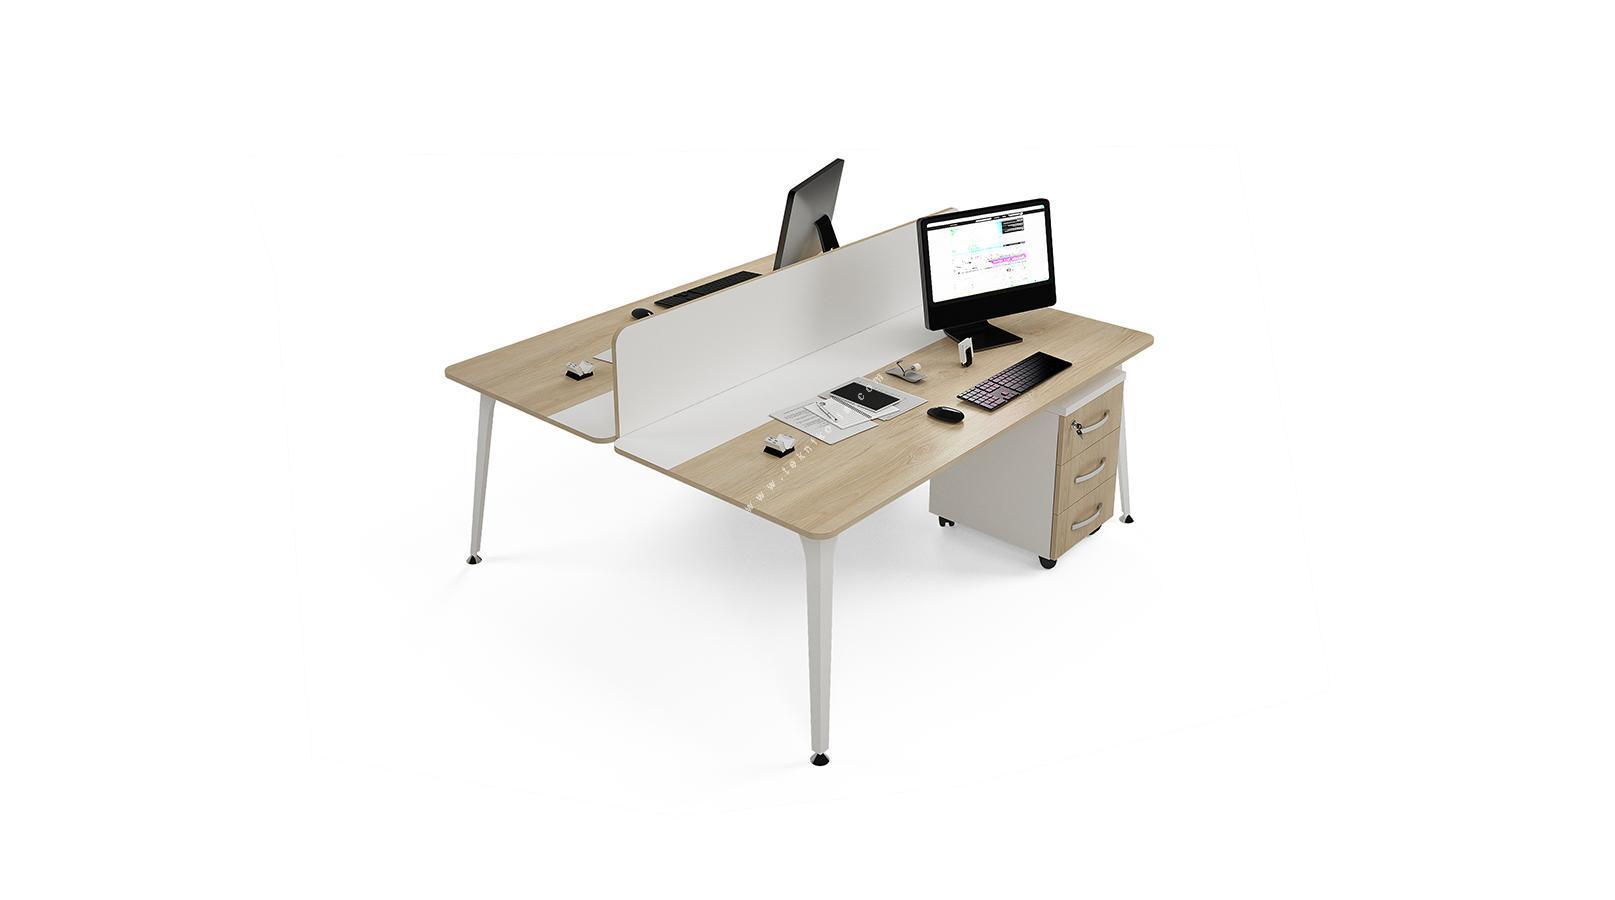 centrawork melamin seperatörlü ikili çalışma masası 180cm